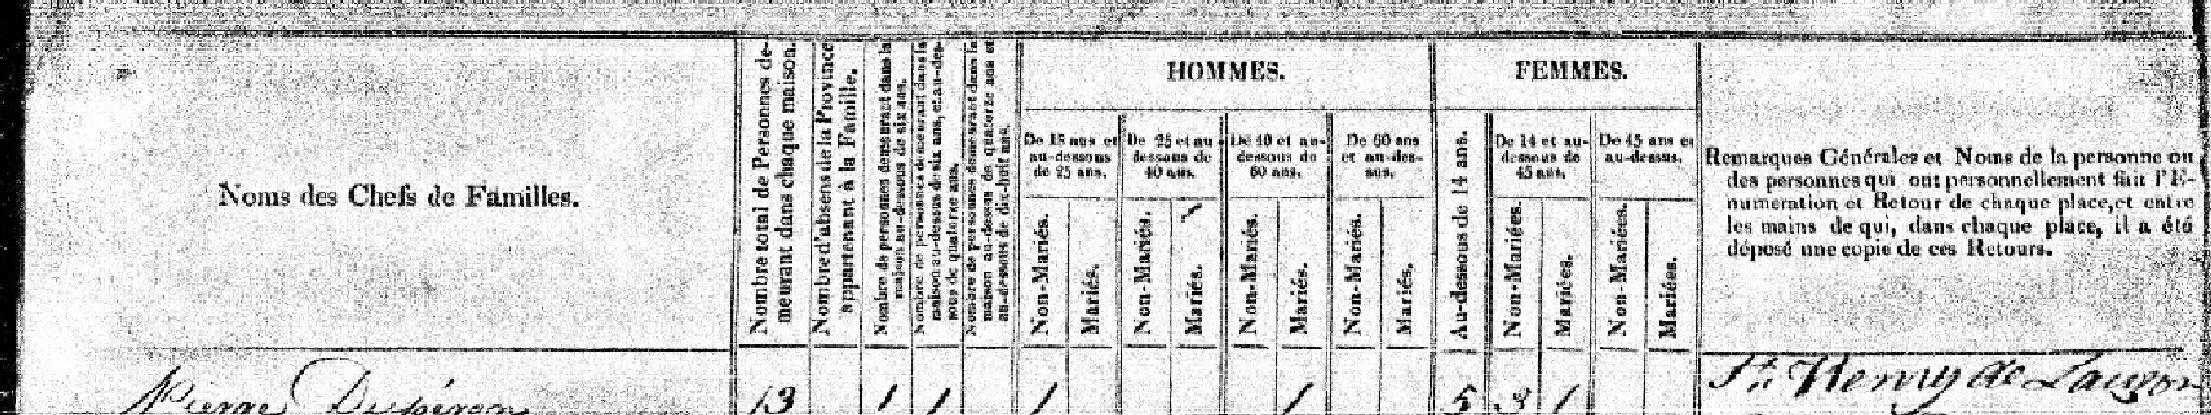 RECENSEMENT DE 1831 1825_r13